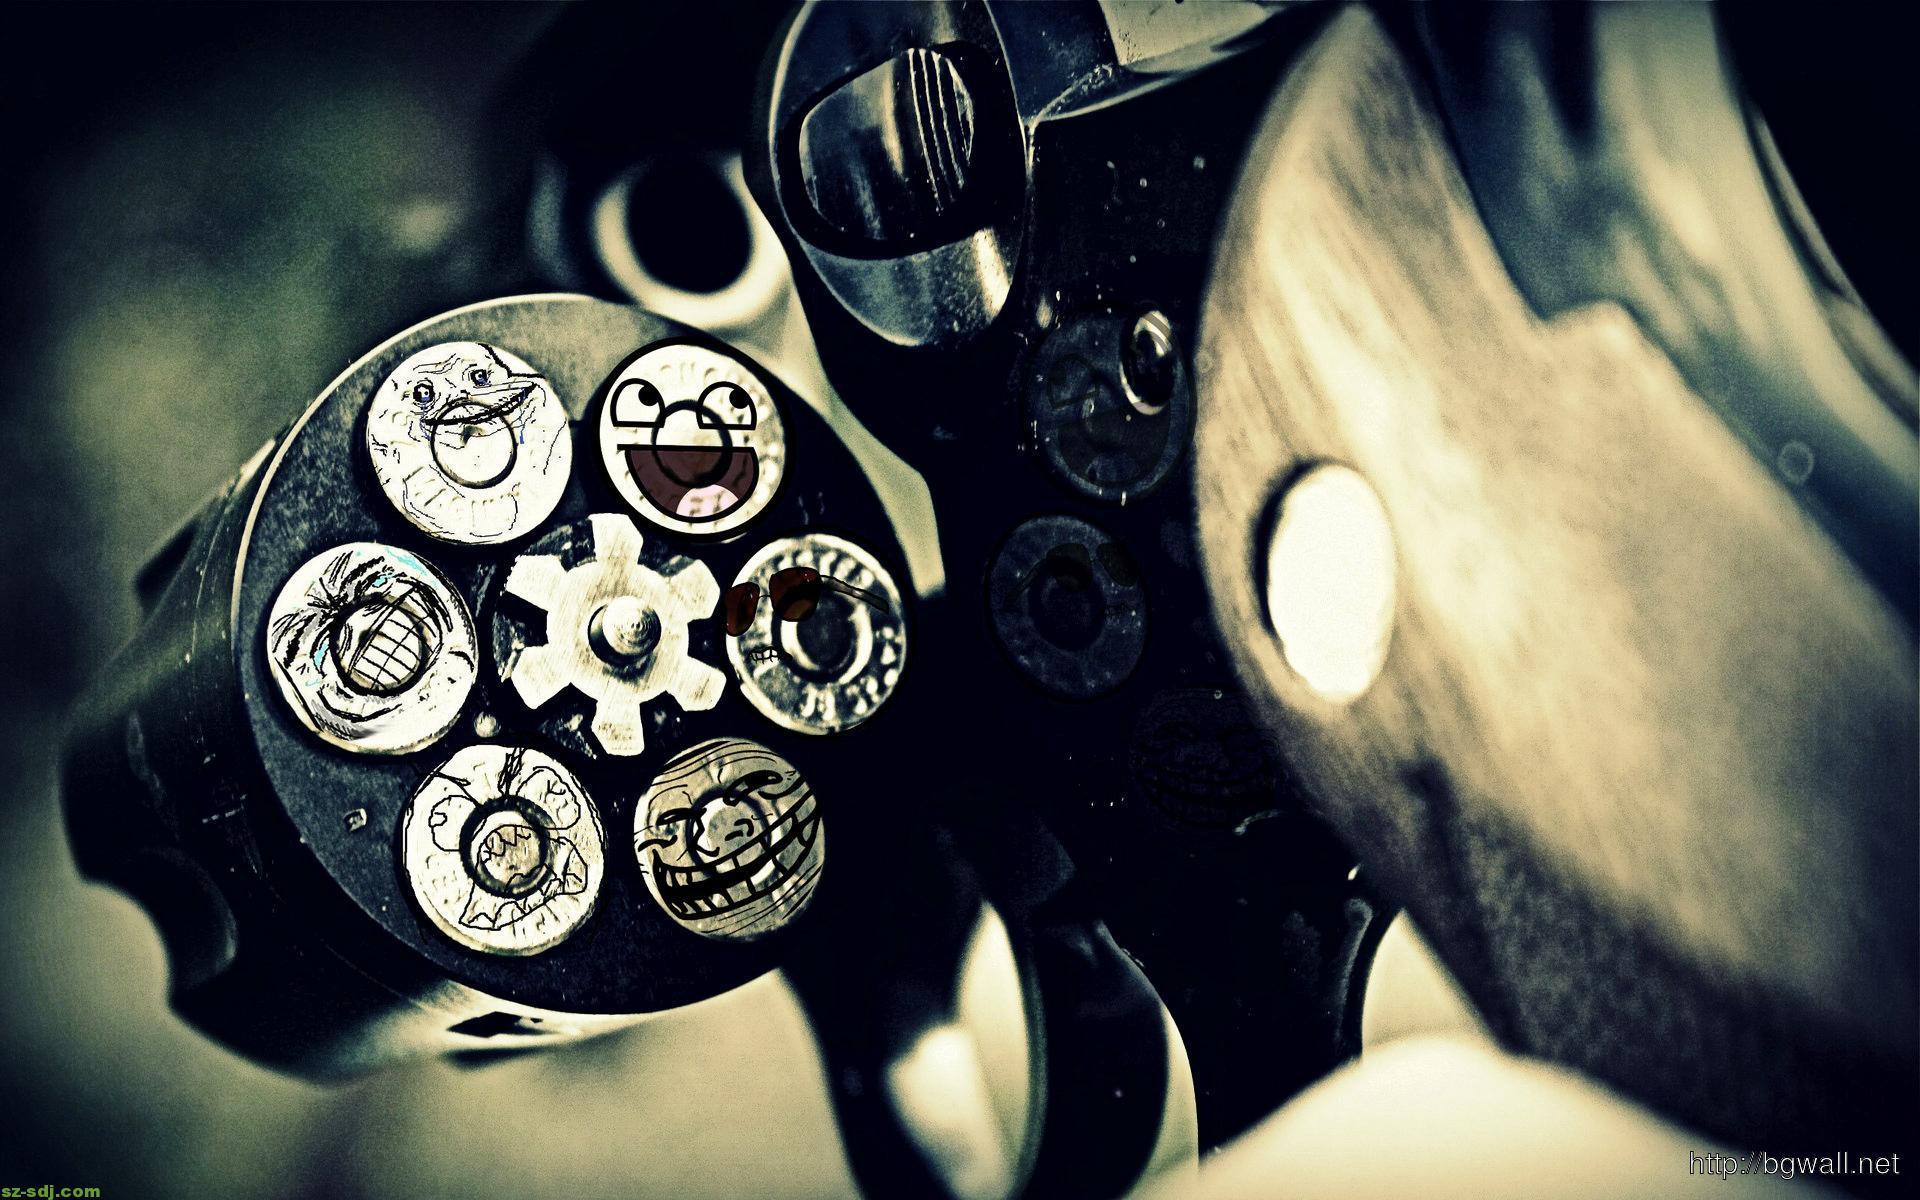 Funny Bullet Pistol Wallpaper – Background Wallpaper HD